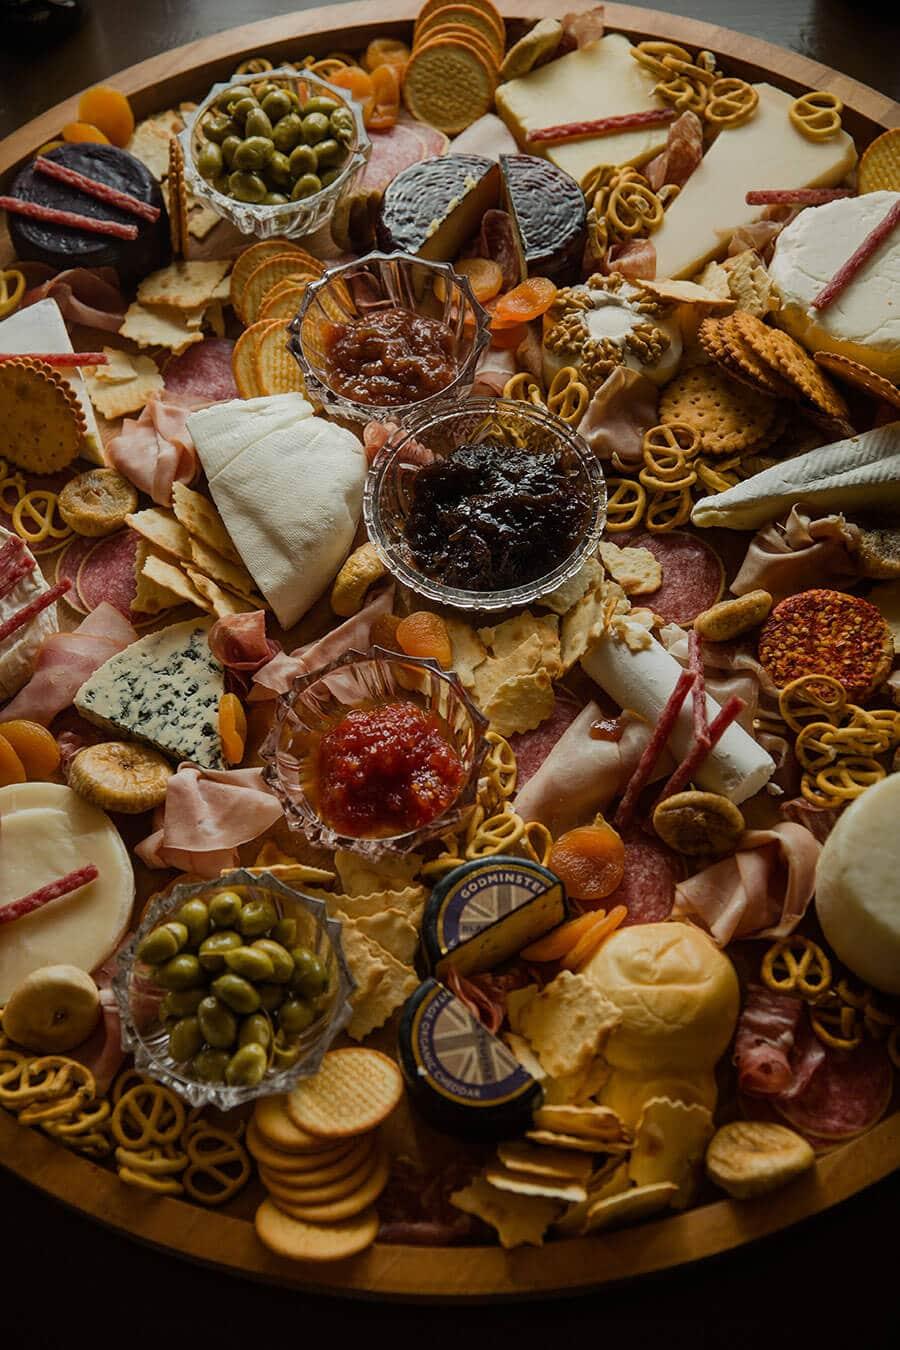 9Wine-Pairing-Cheese-board